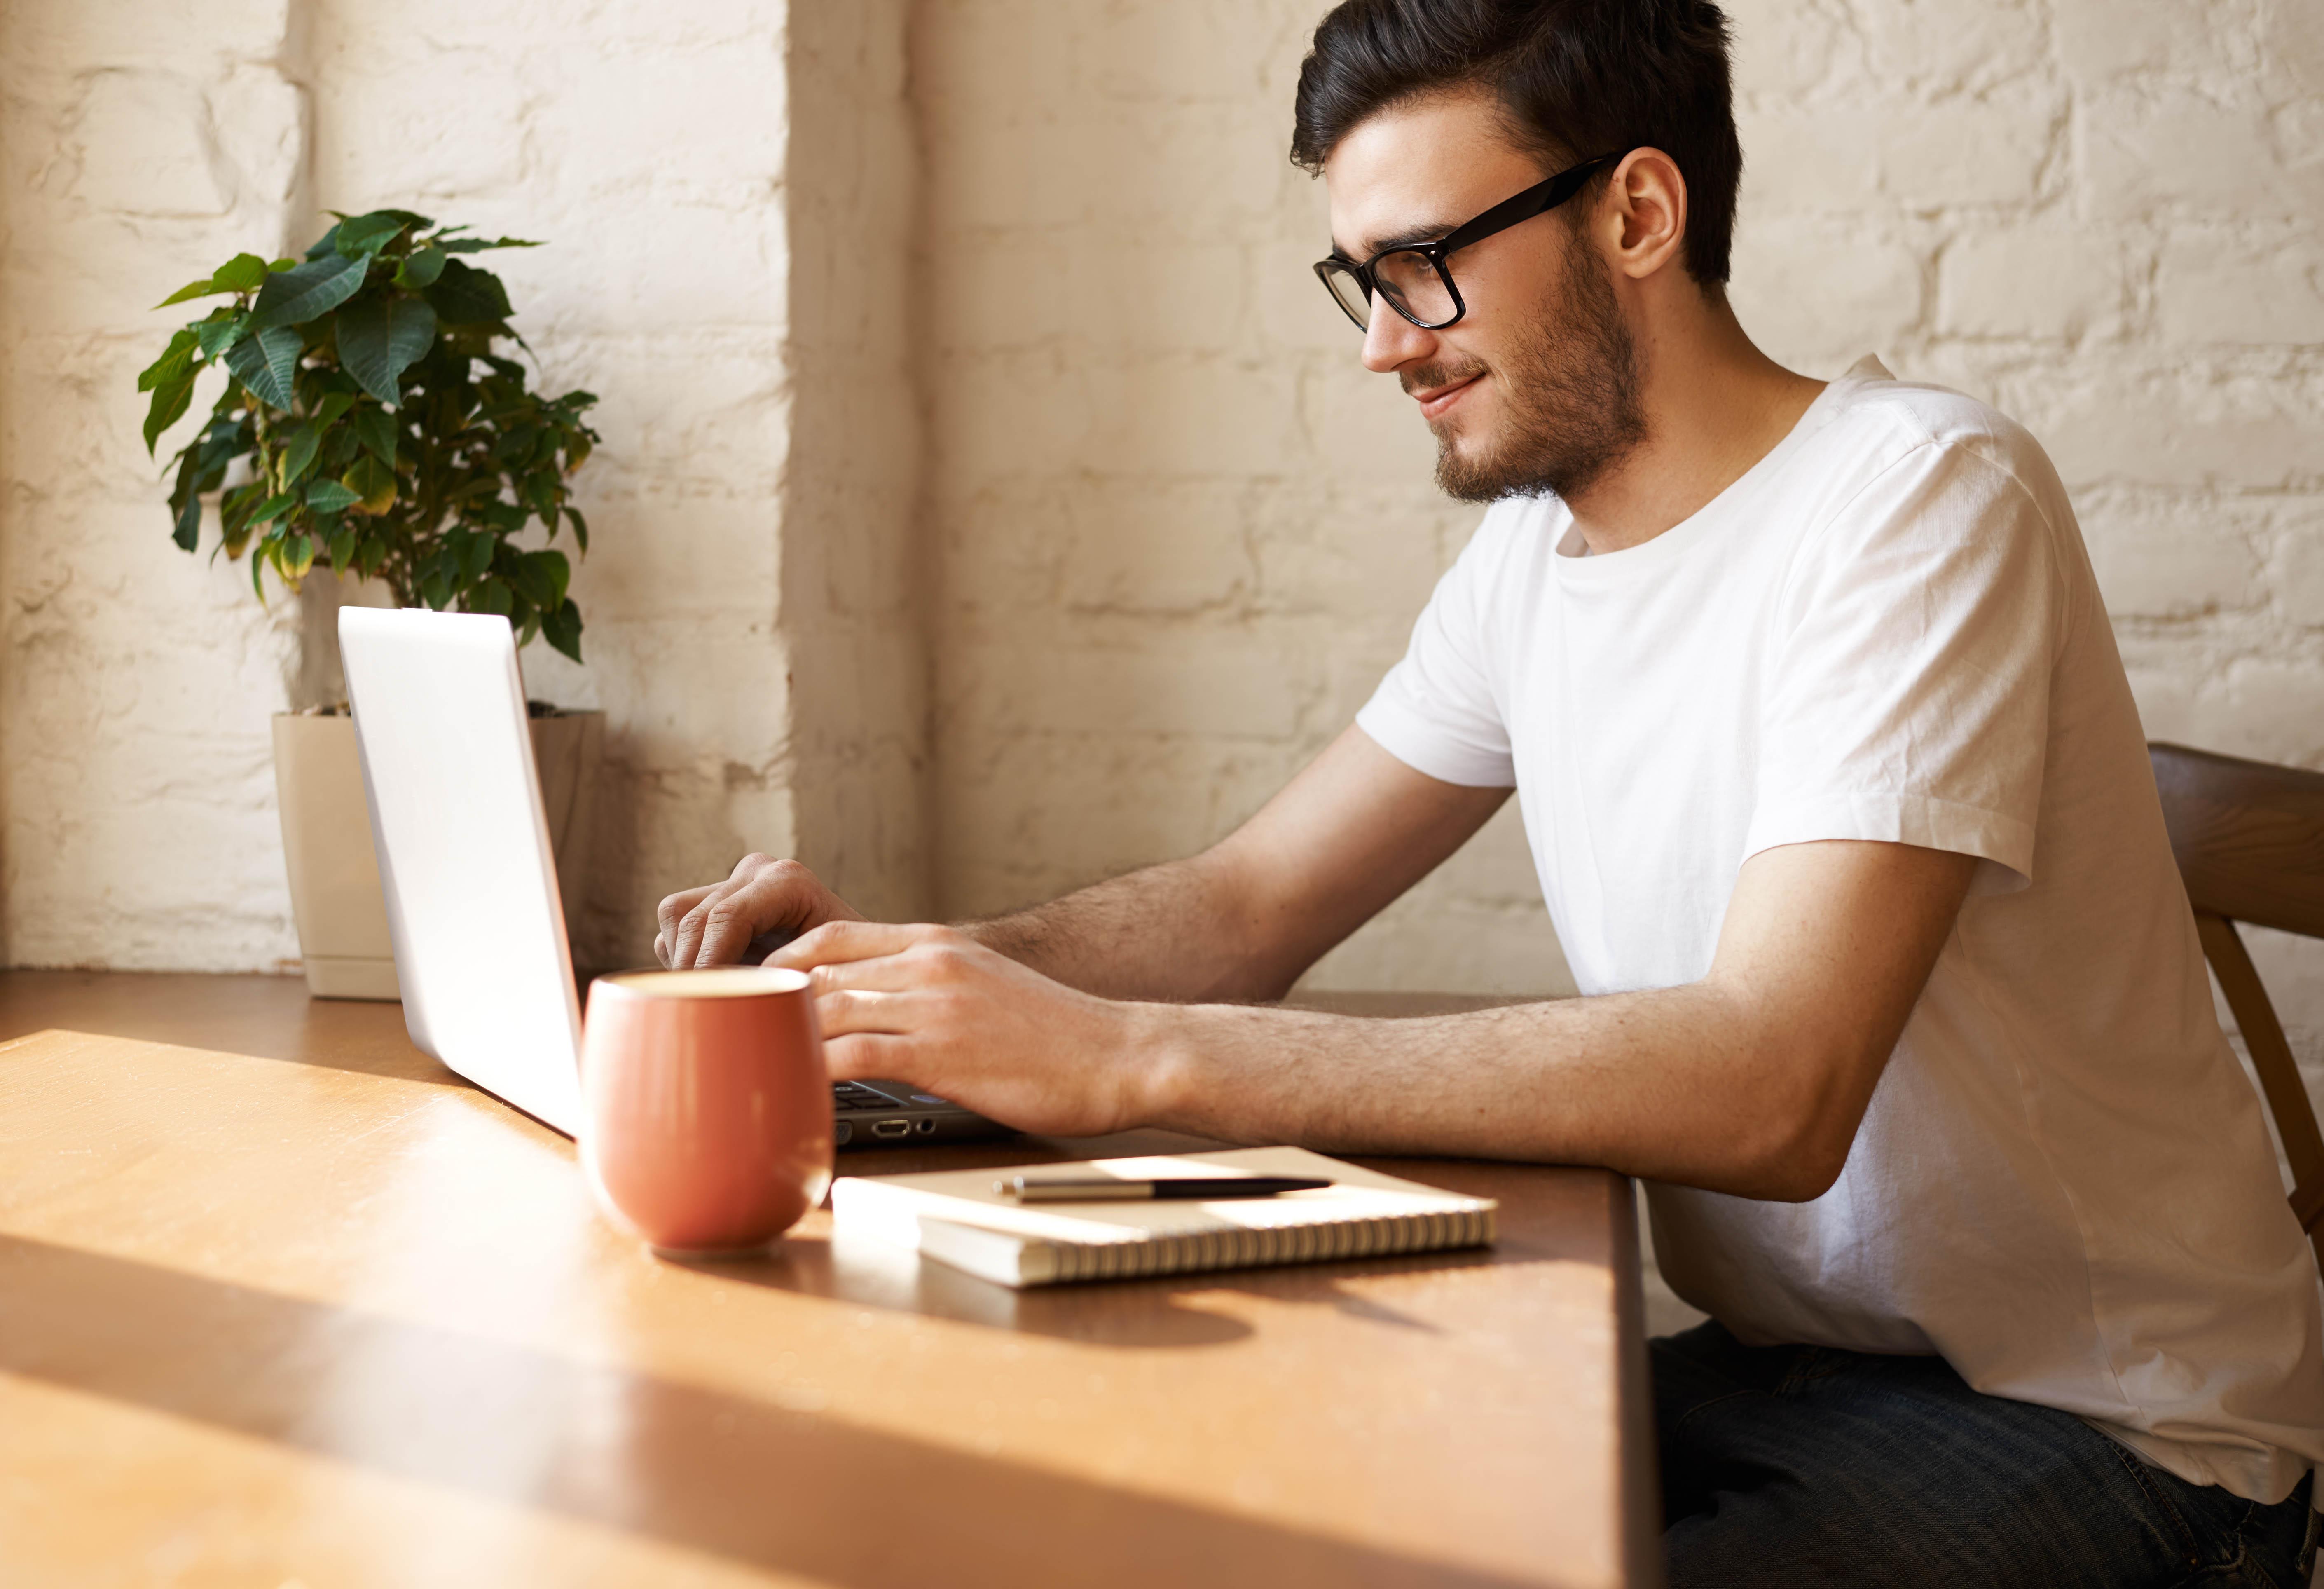 El UX Writing, una disciplina de diseño importante dentro del UX